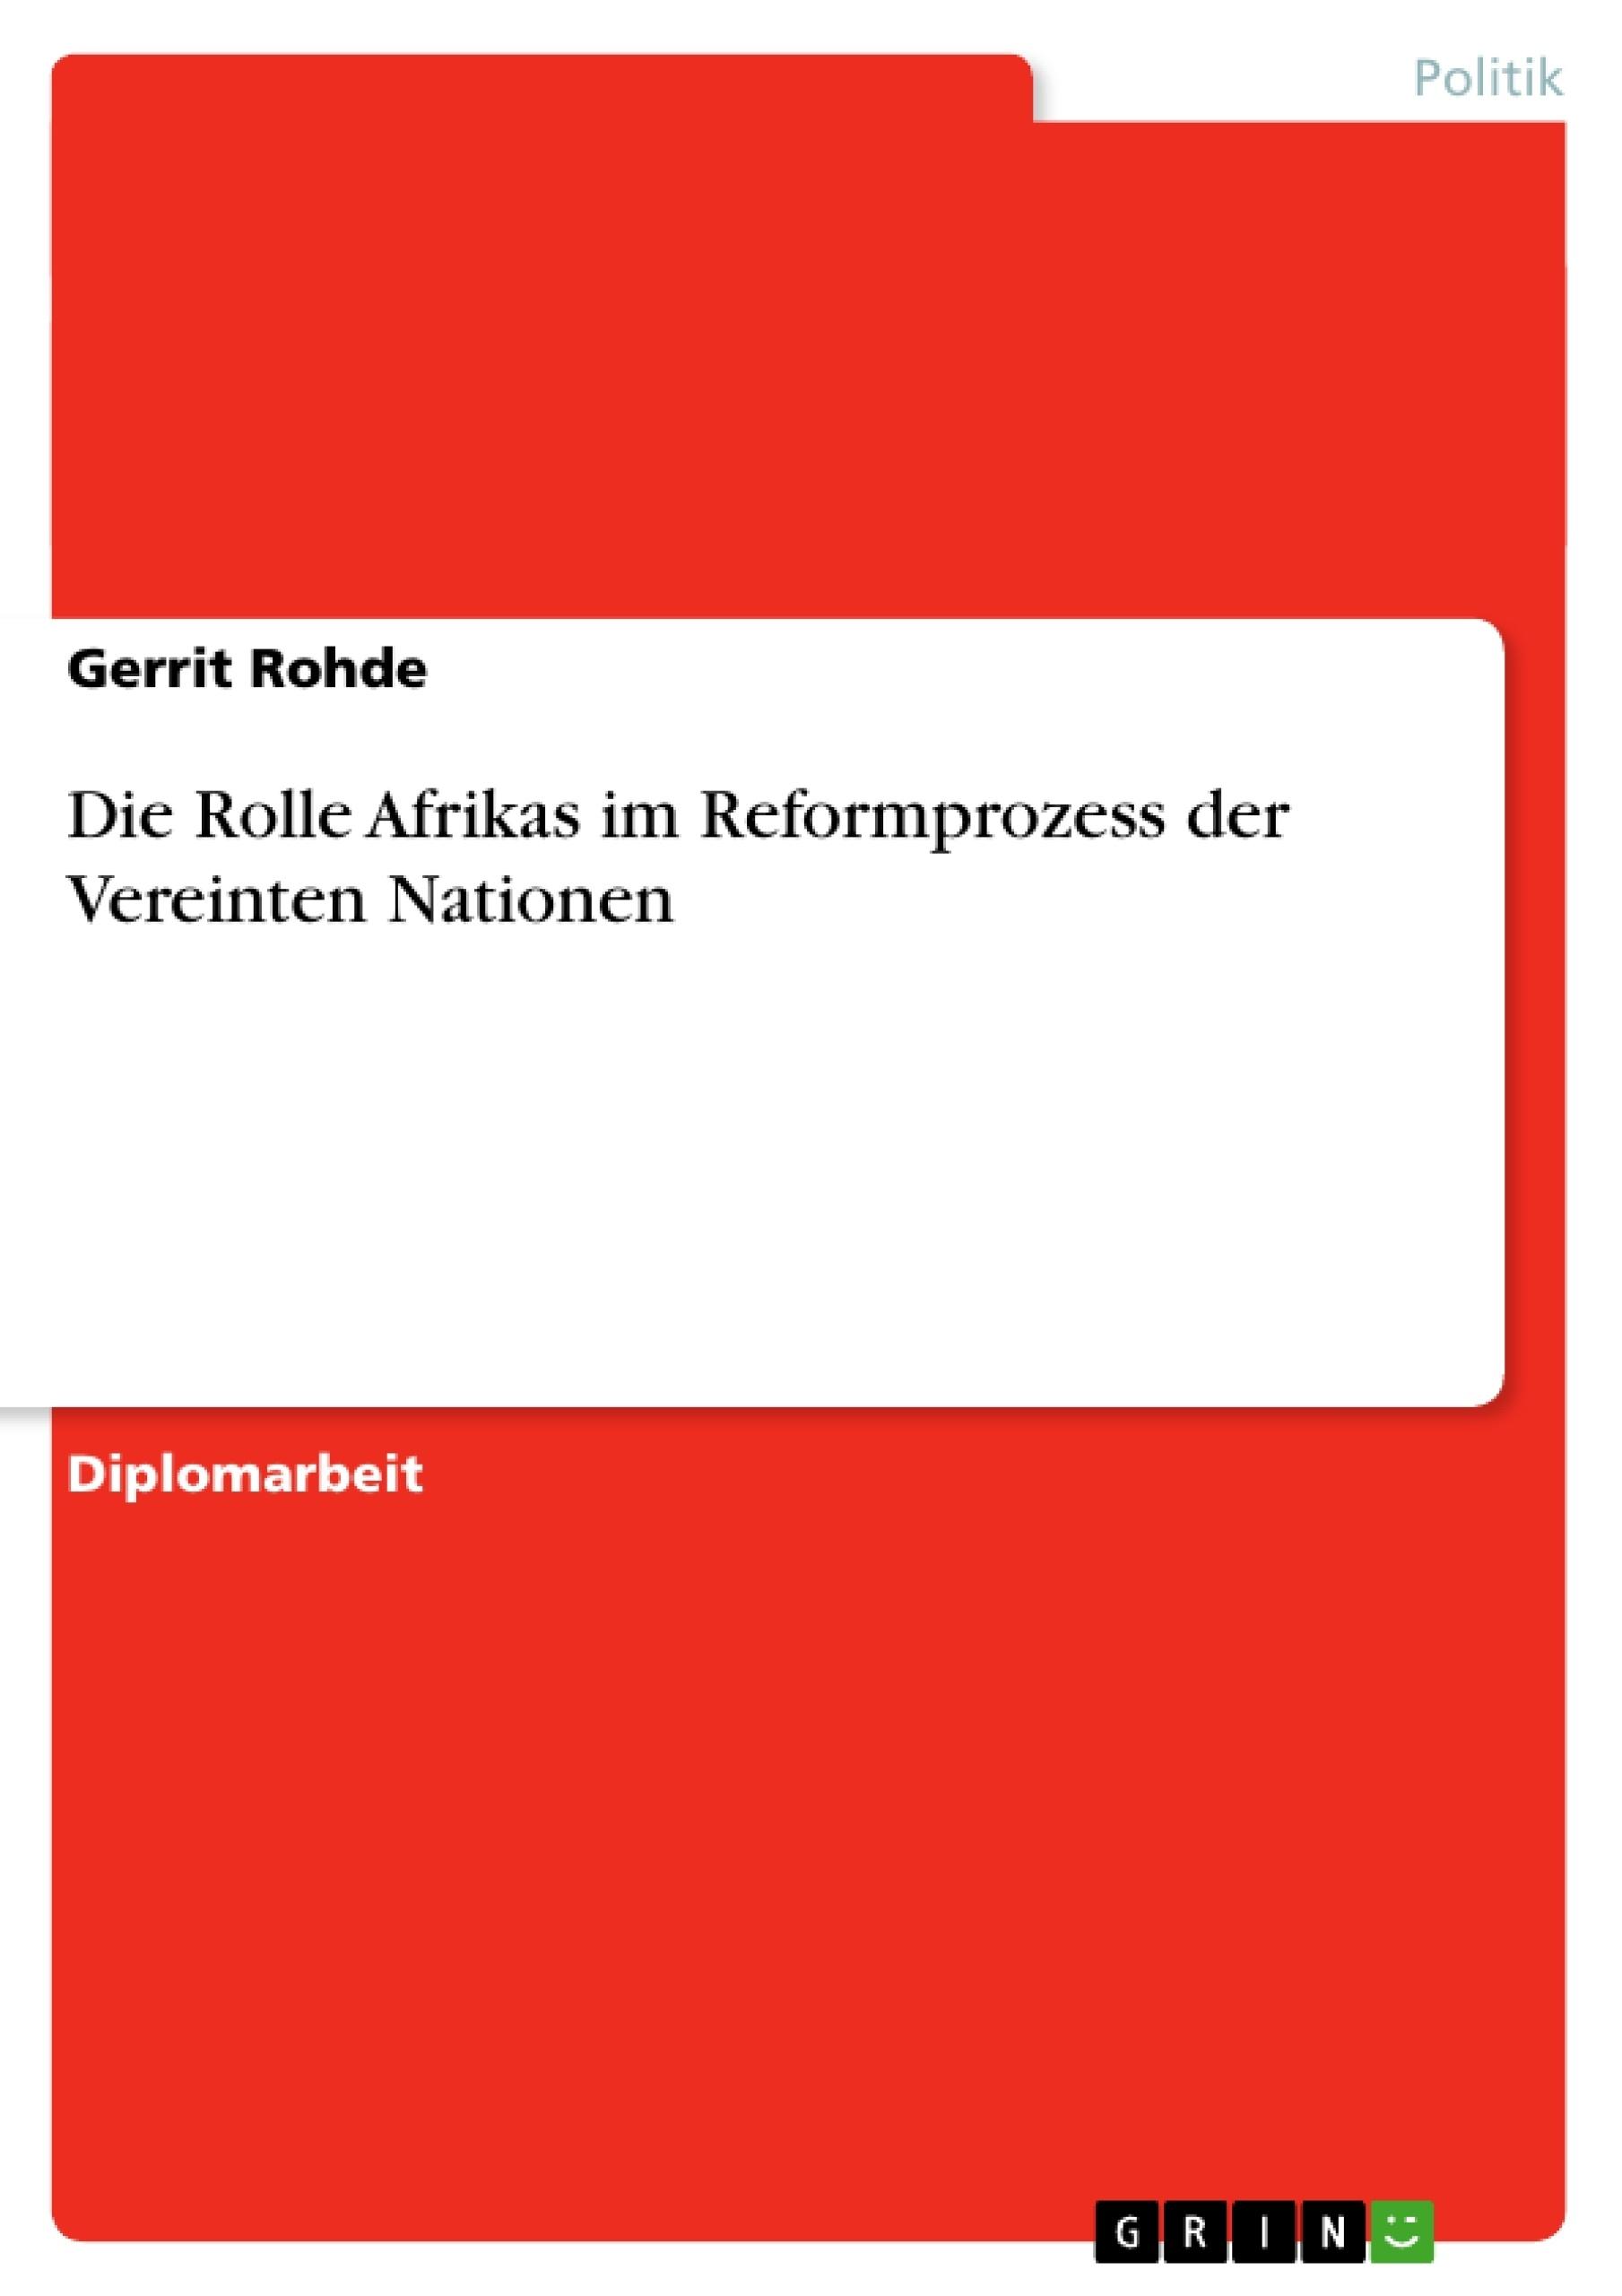 Titel: Die Rolle Afrikas im Reformprozess der Vereinten Nationen